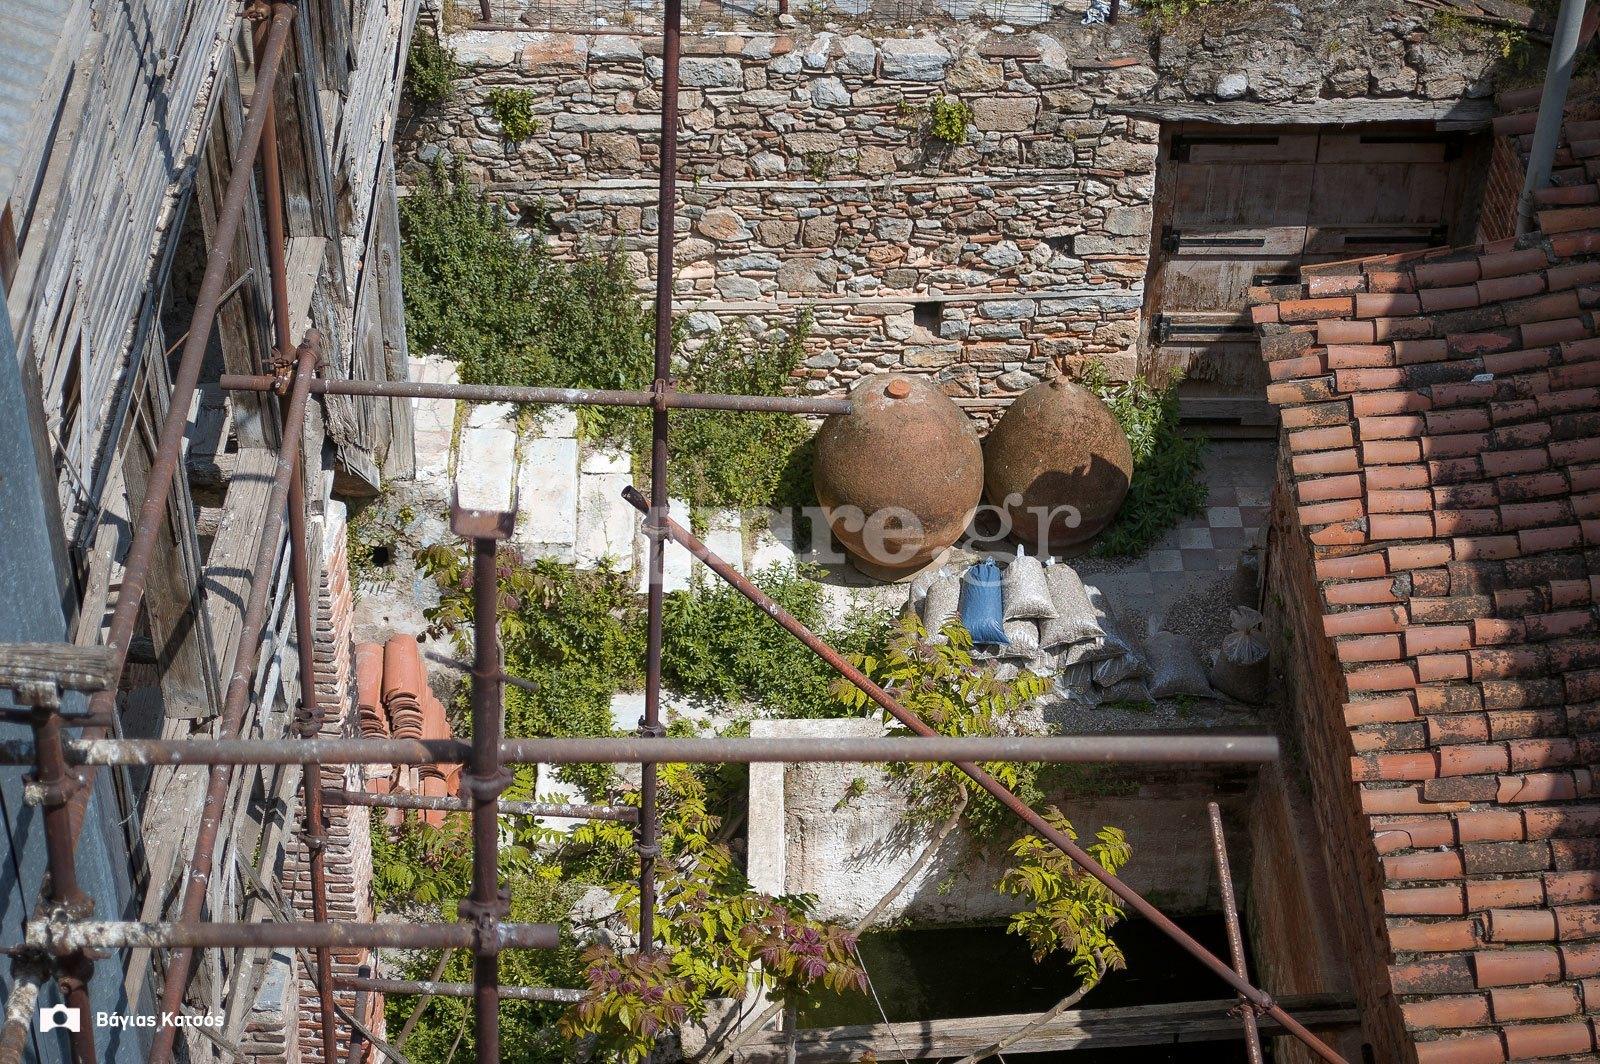 4-Σπίτι-οδού-Παίδων-Χαλκίδα-ετοιμόρροπο-αρχοντικό-Τουρκοκρατίας